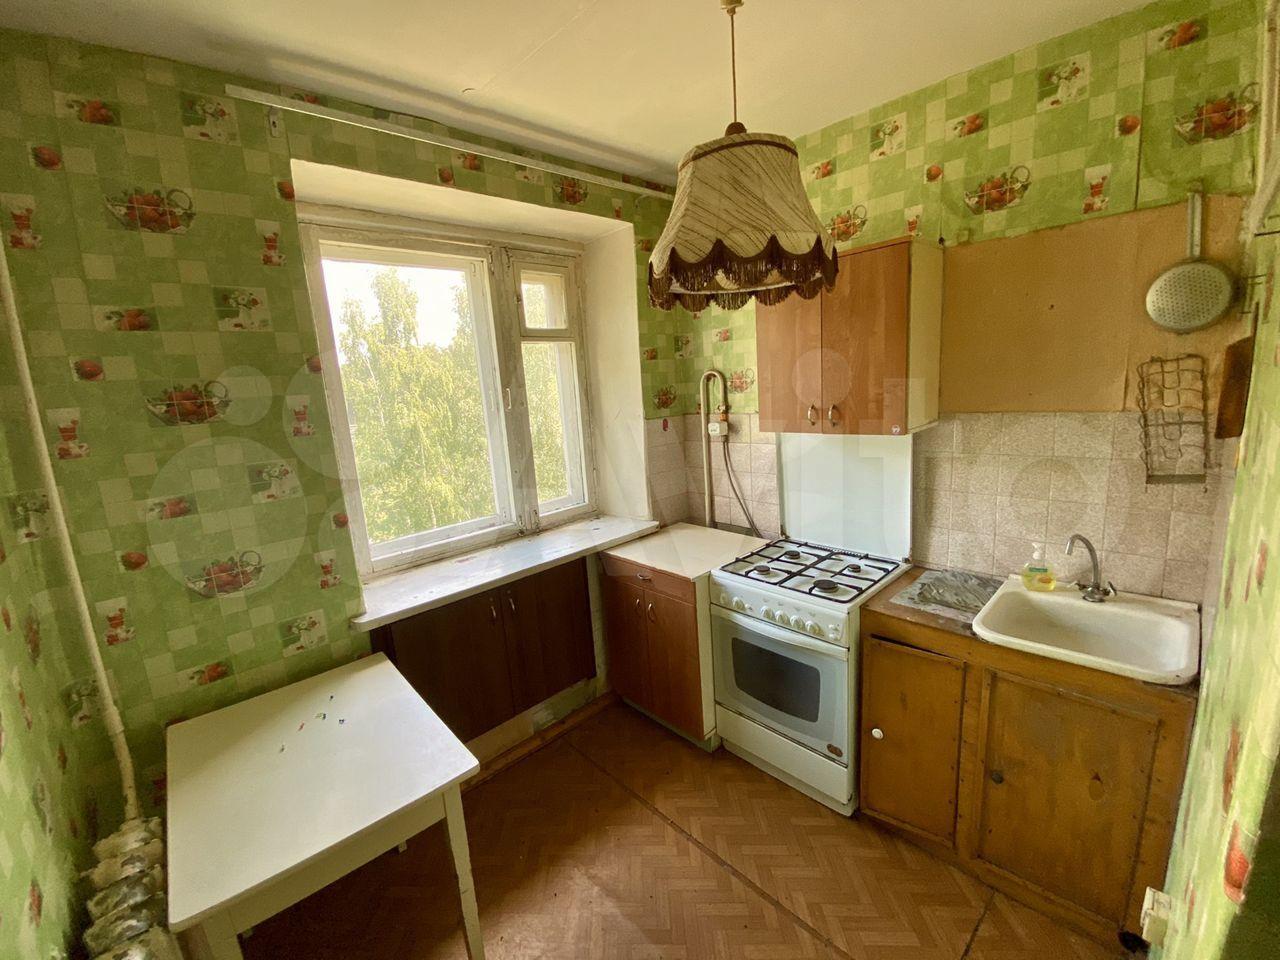 2-к квартира, 45.4 м², 5/5 эт.  89056357951 купить 7